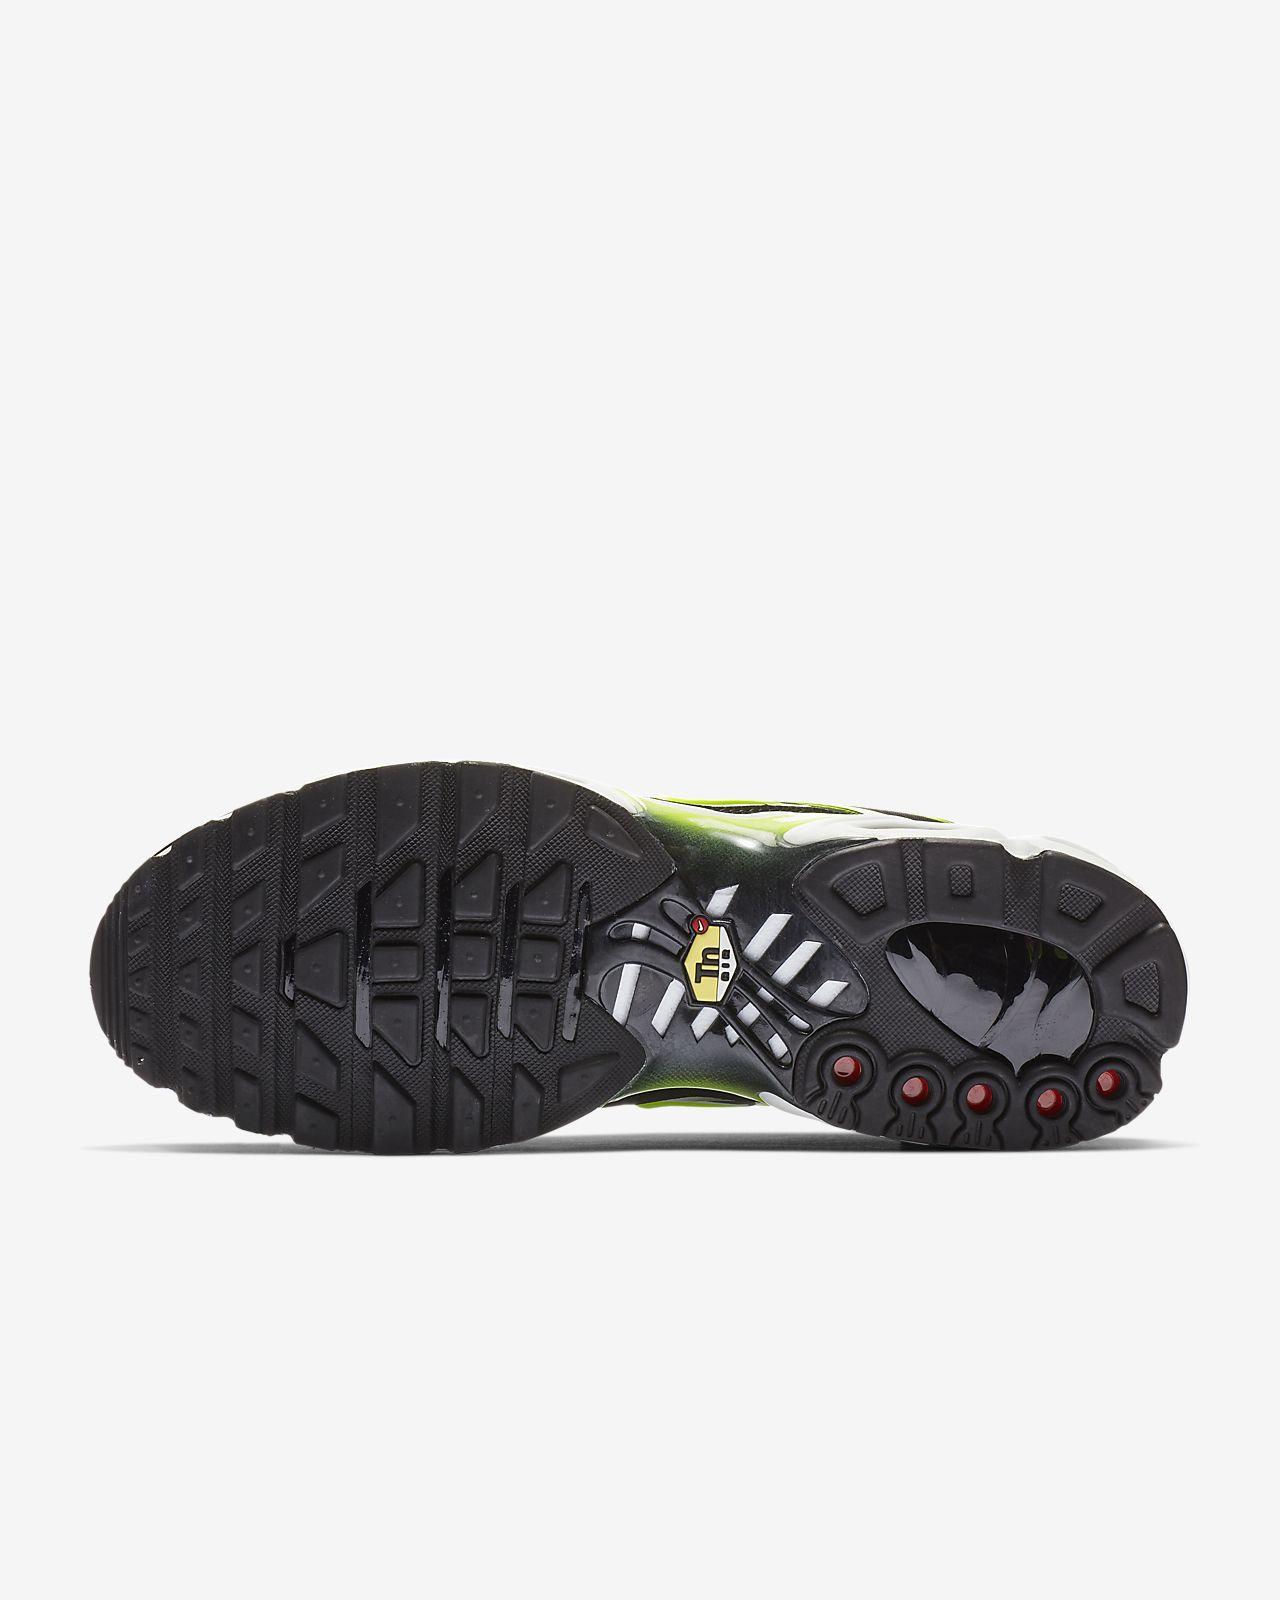 wholesale dealer 0f5fc 72efd ... Chaussure Nike Air Max Plus pour Homme